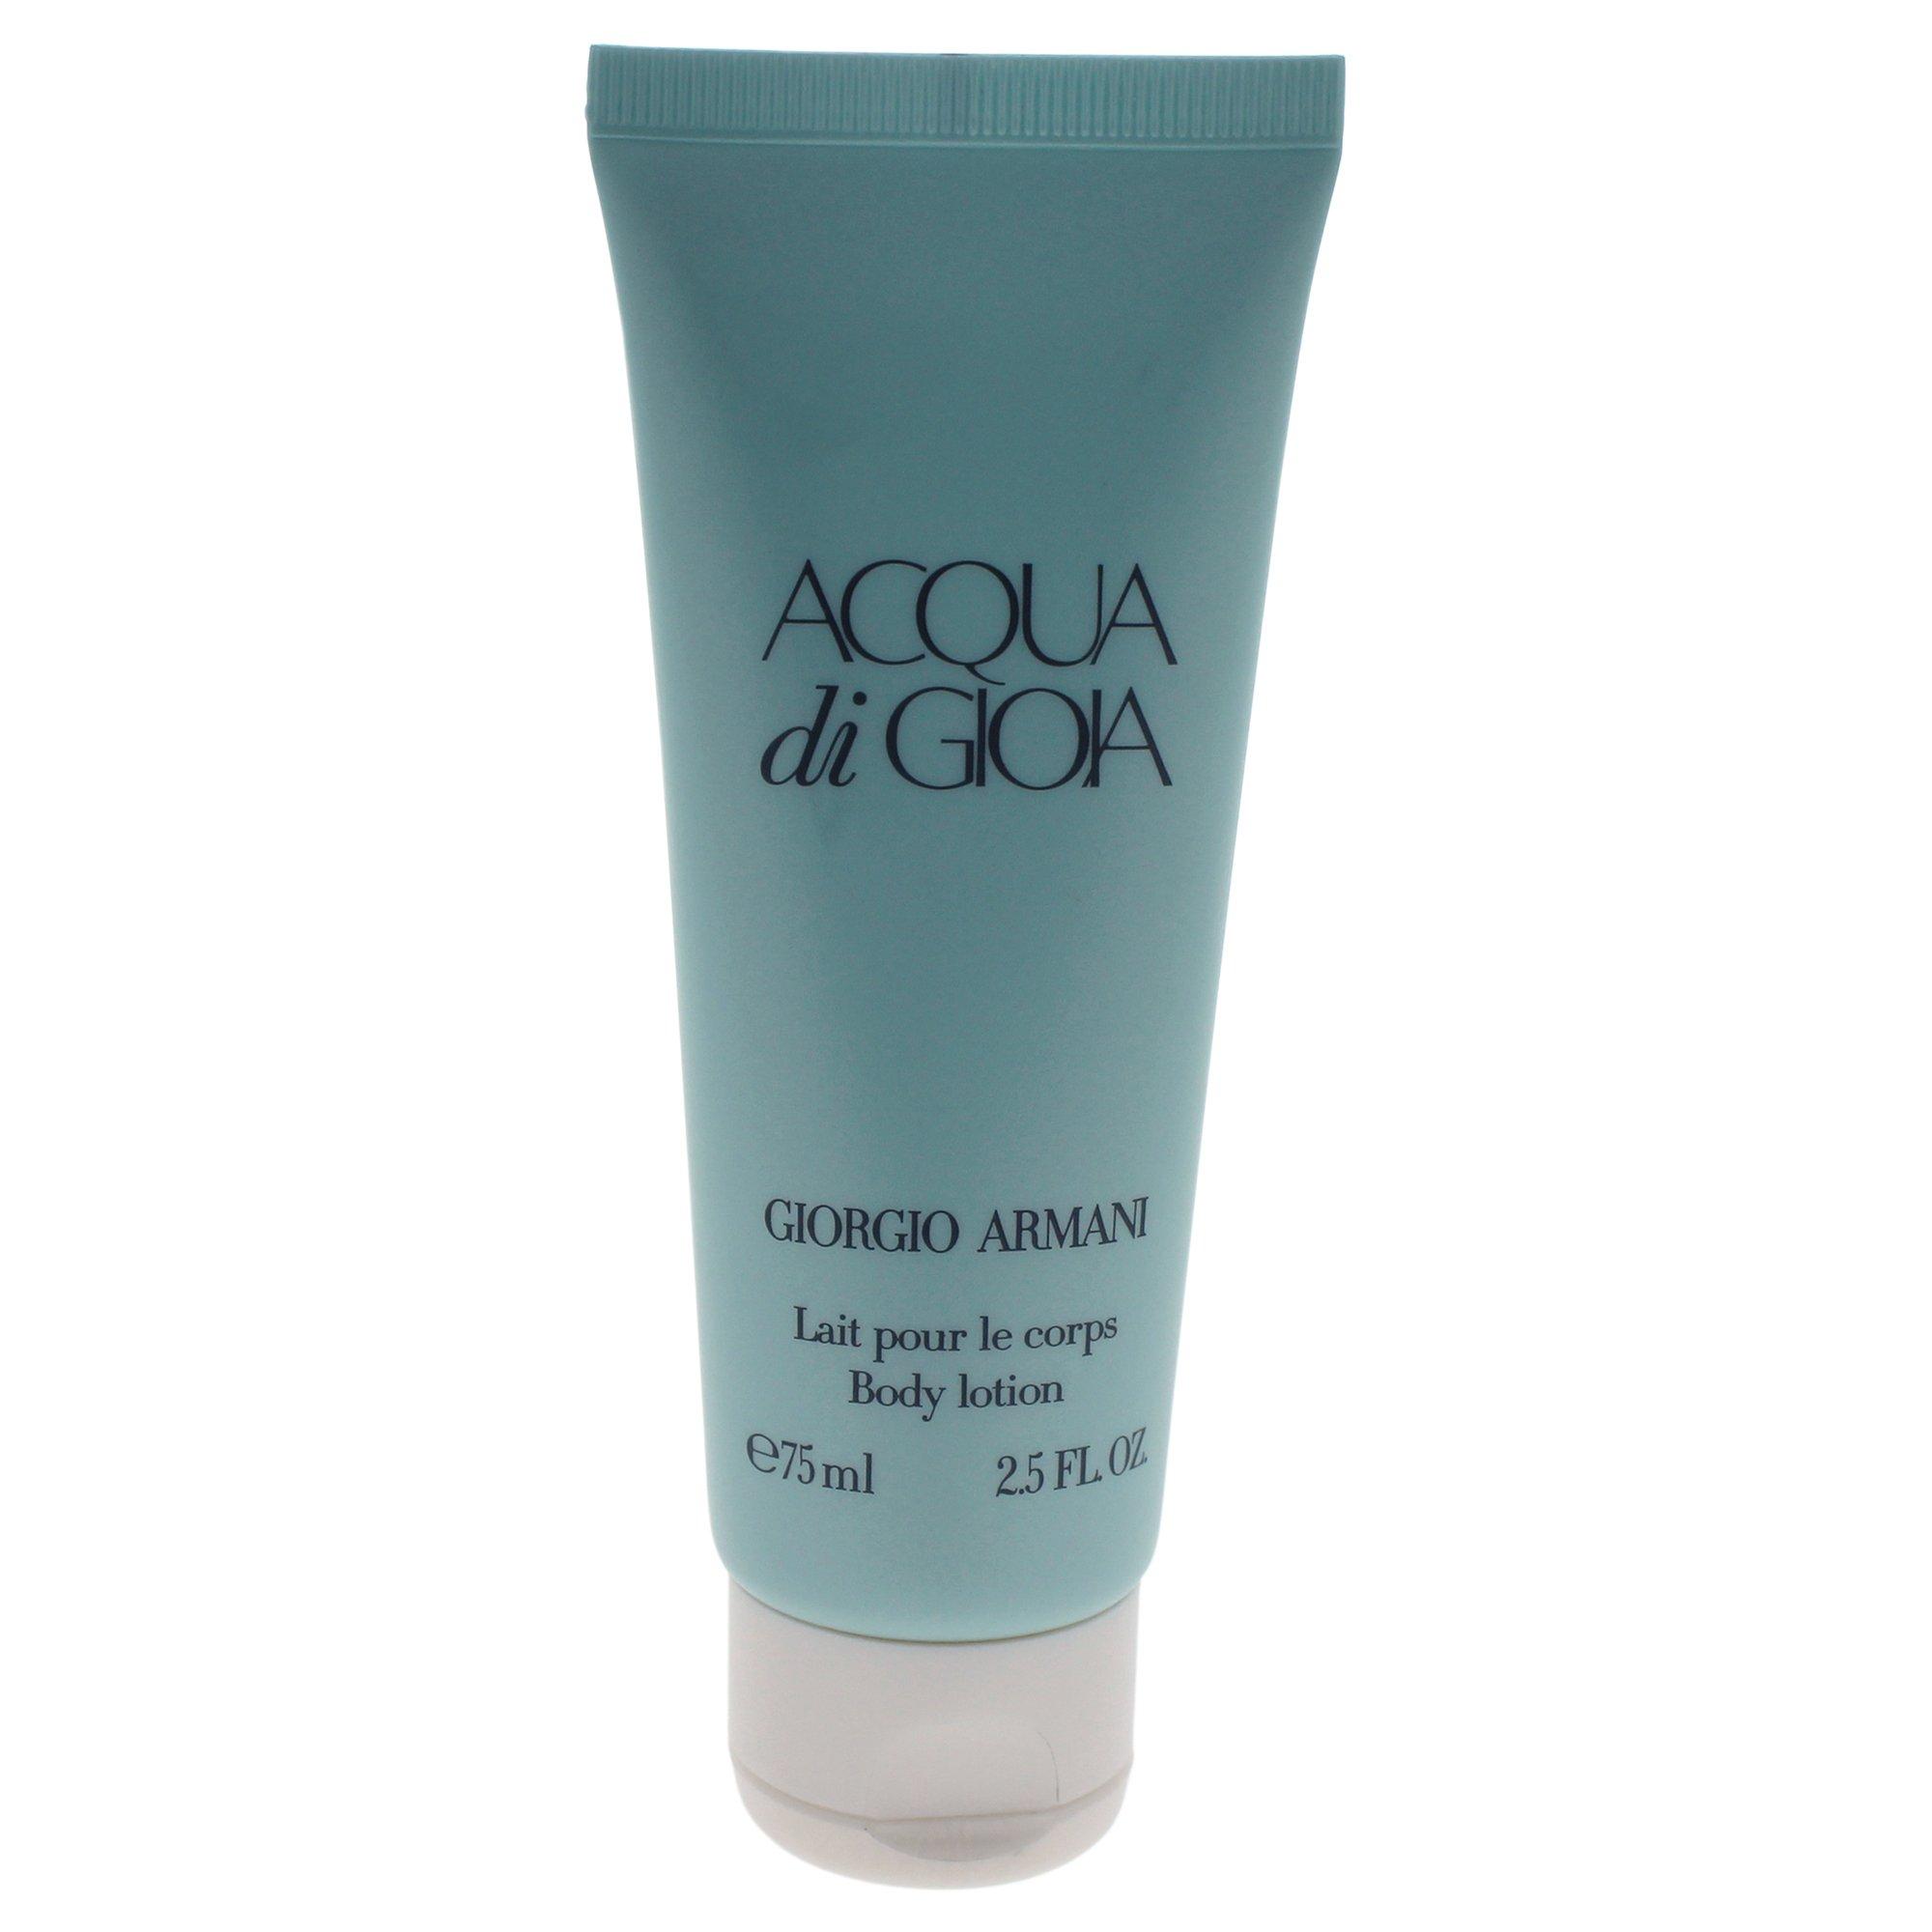 Giorgio Armani Body Lotion for Women, Acqua Di Gioia, 2.5 Ounce